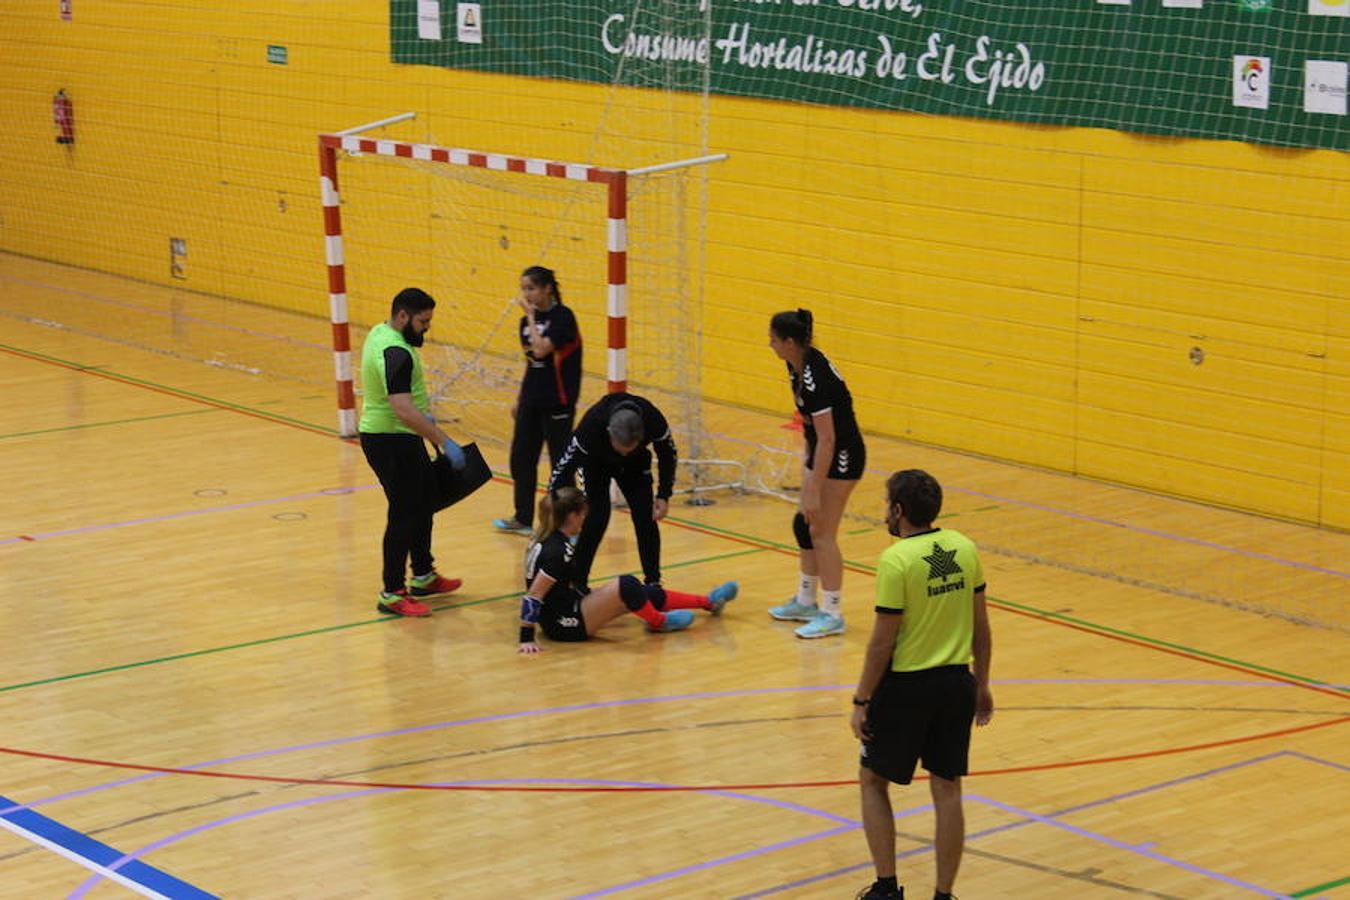 Mañana intensa de partidos en el campeonato Cadeba de balonmano 2018 en El Ejido